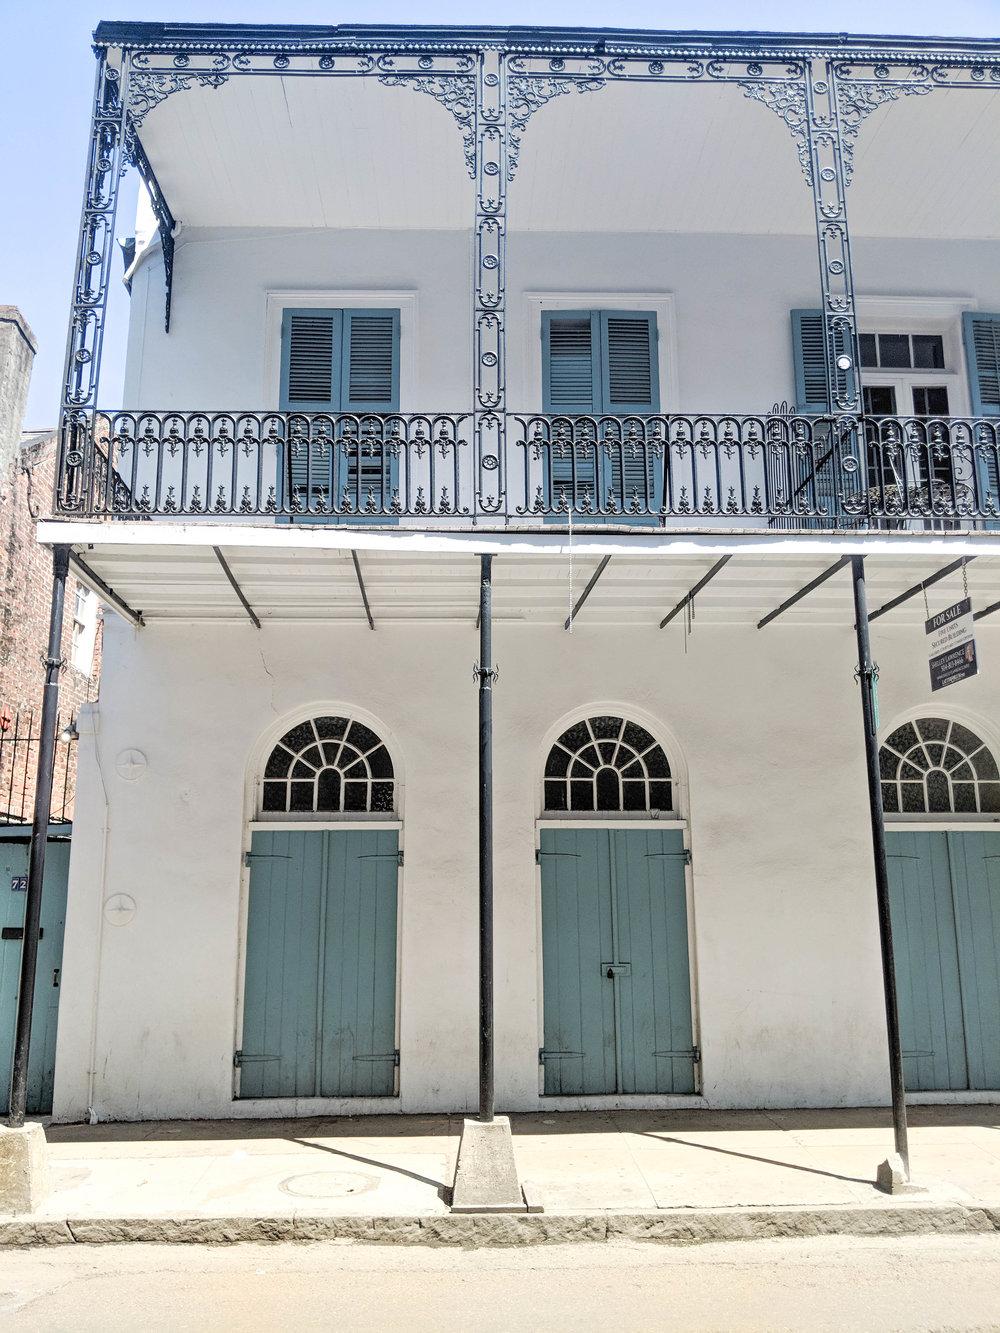 nola; architecture; new orleans; bri rinehart